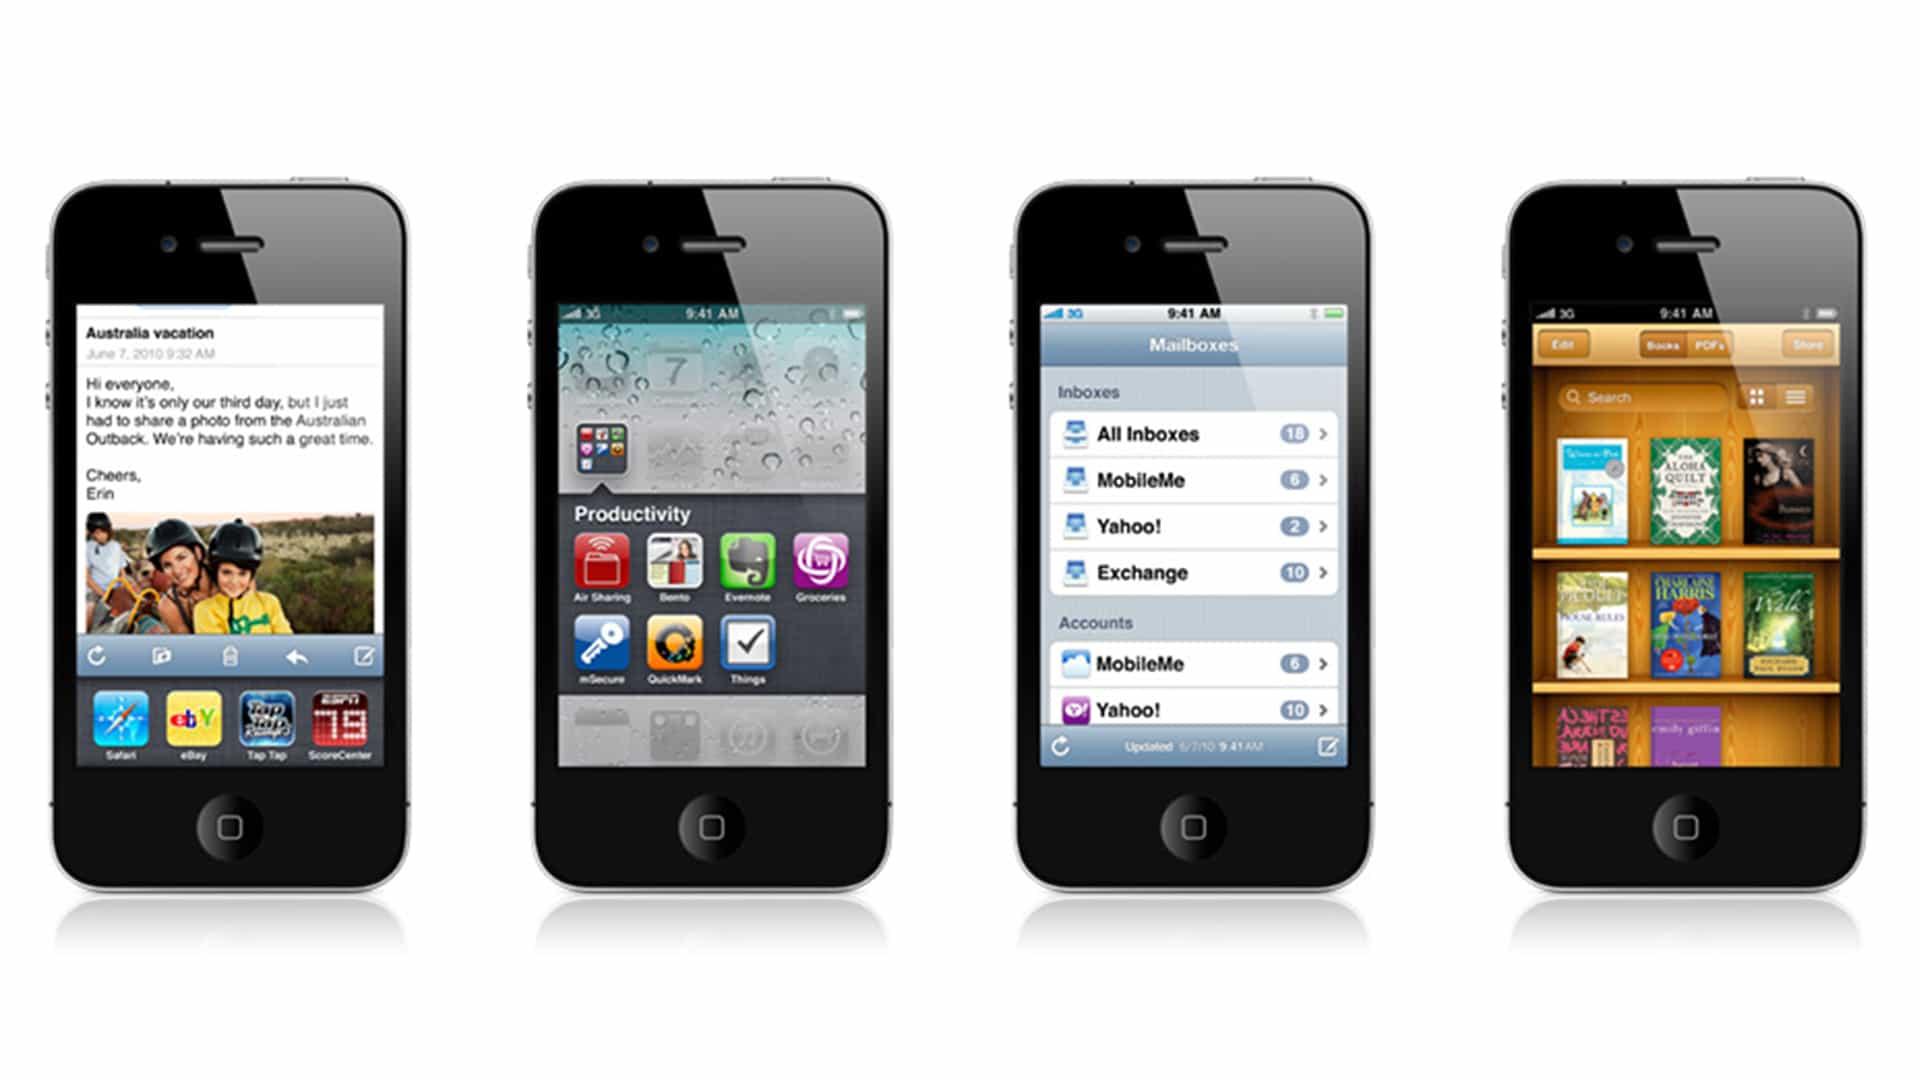 Alguien acaba de convertir iOS 4 en una aplicación para iPhone, y la necesitamos ahora